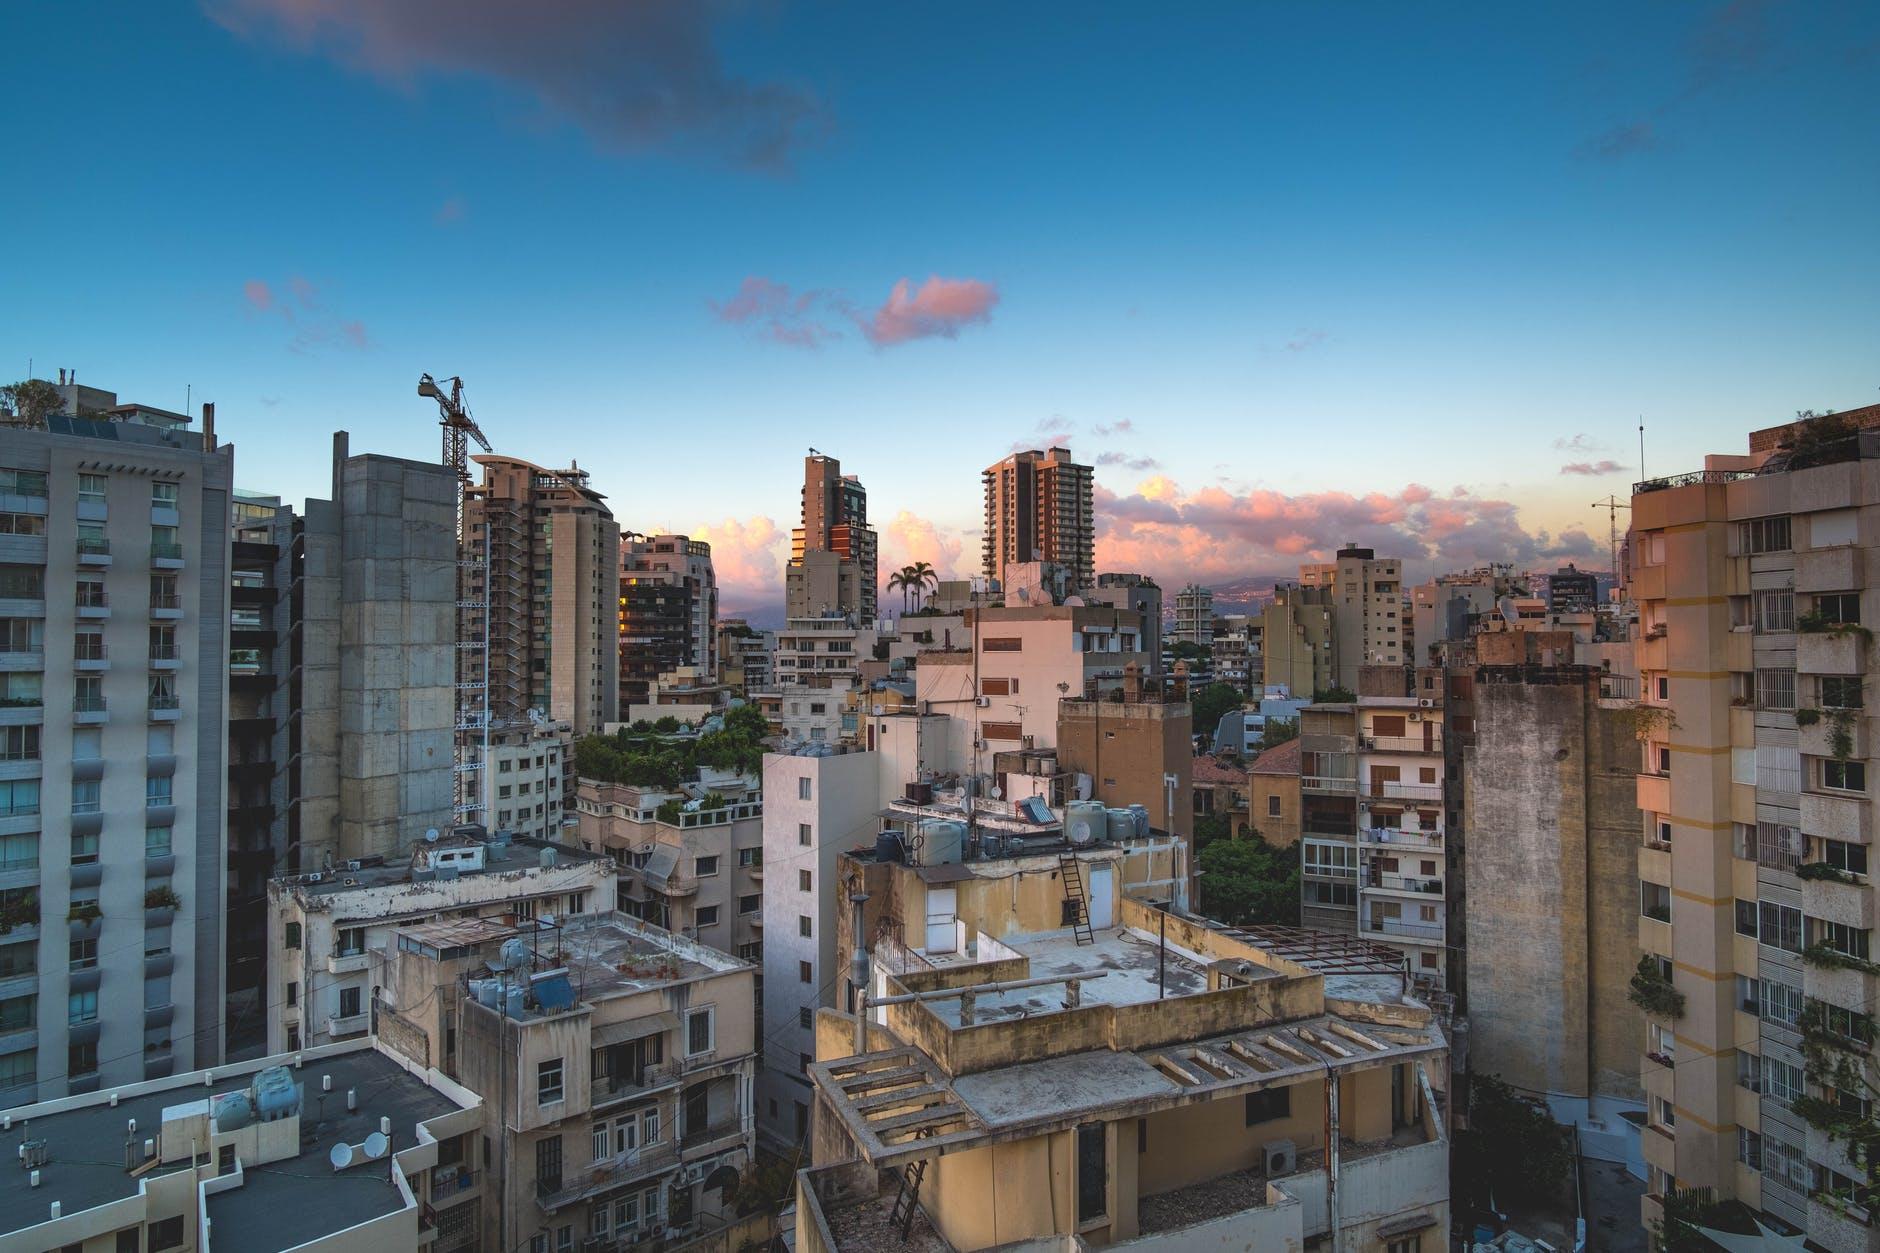 City of Beirut in Lebanon